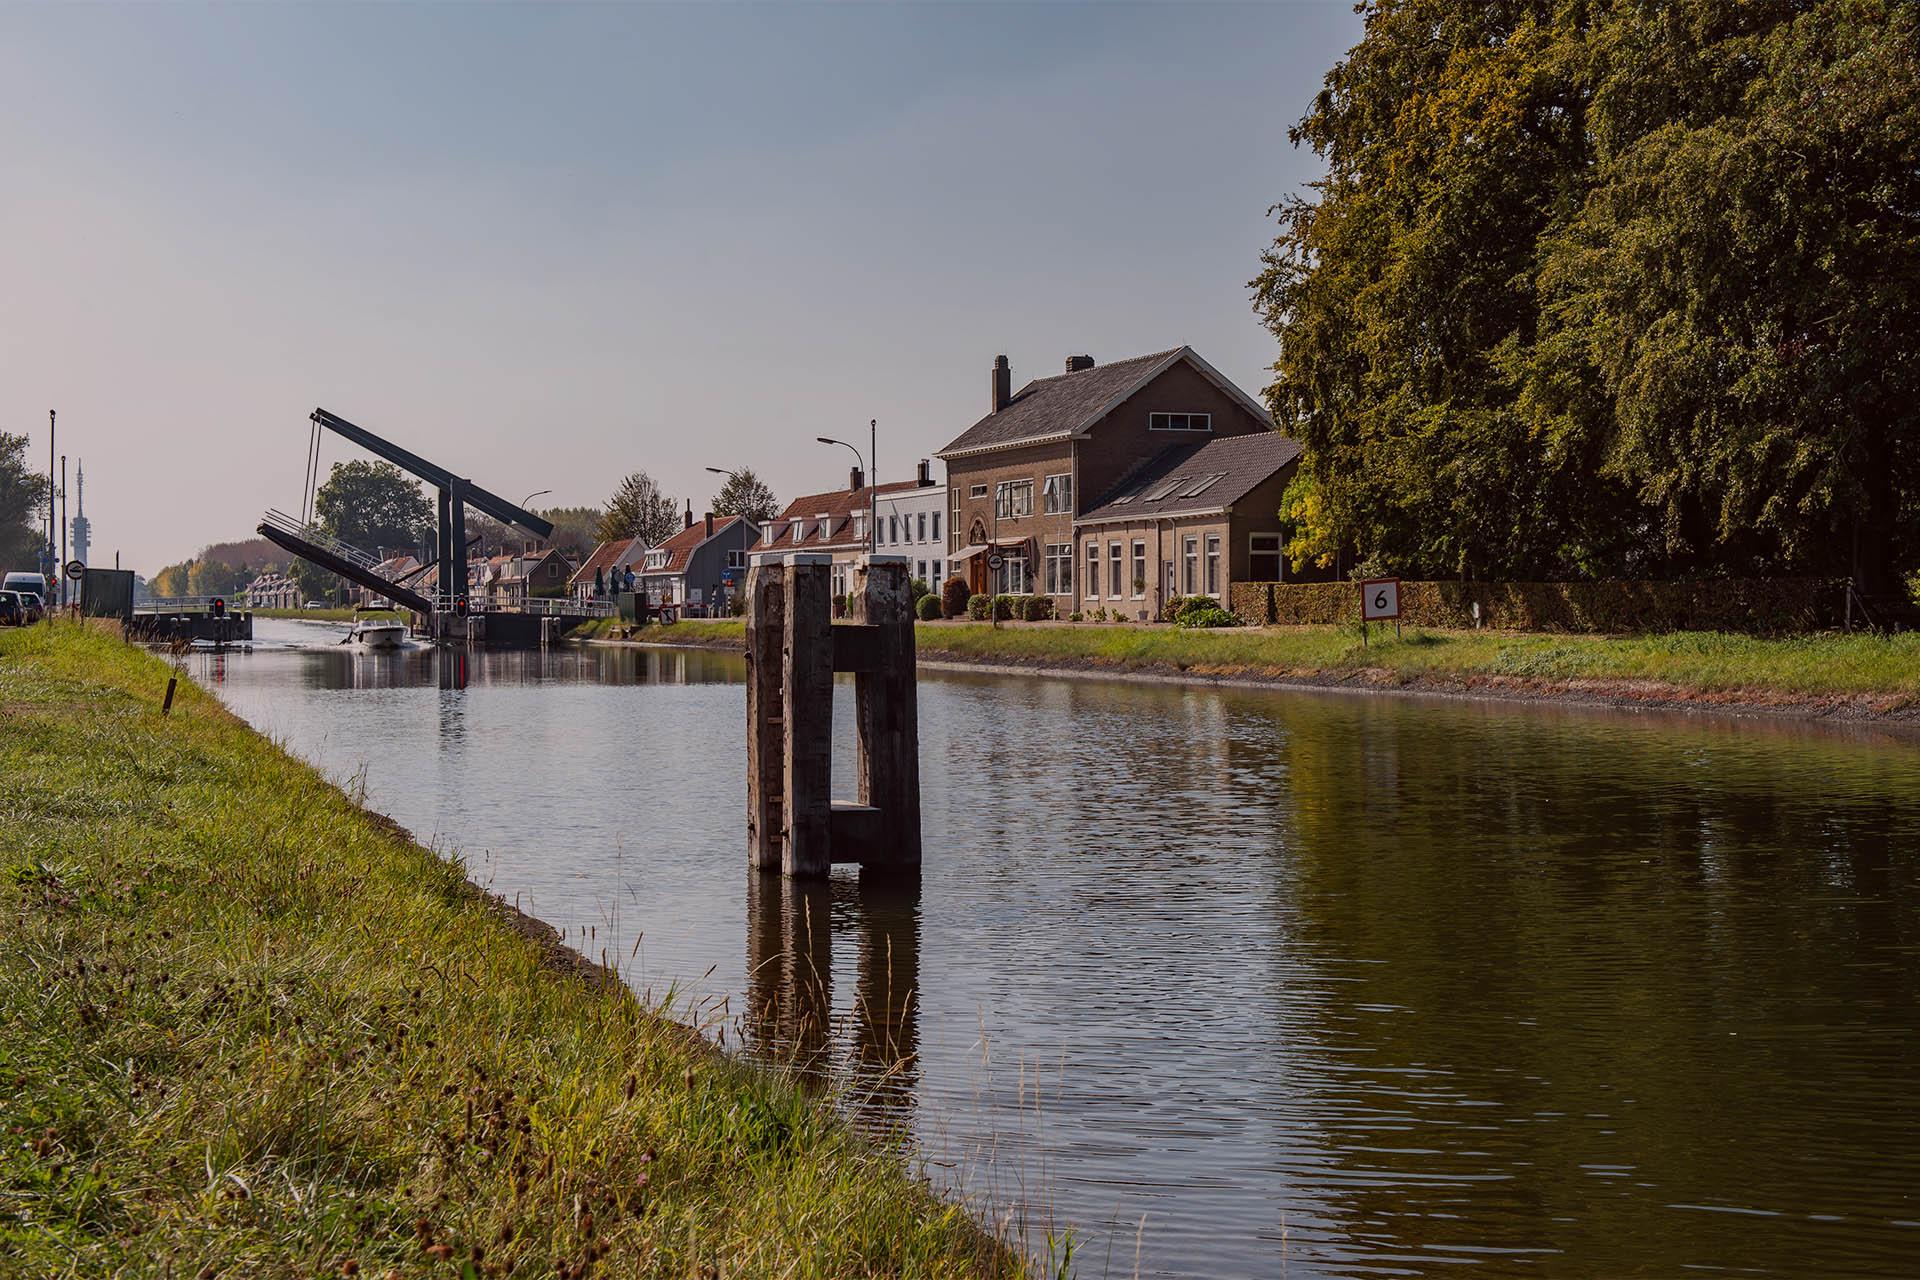 Monumentaal wonen<br> in Wilhelminadorp